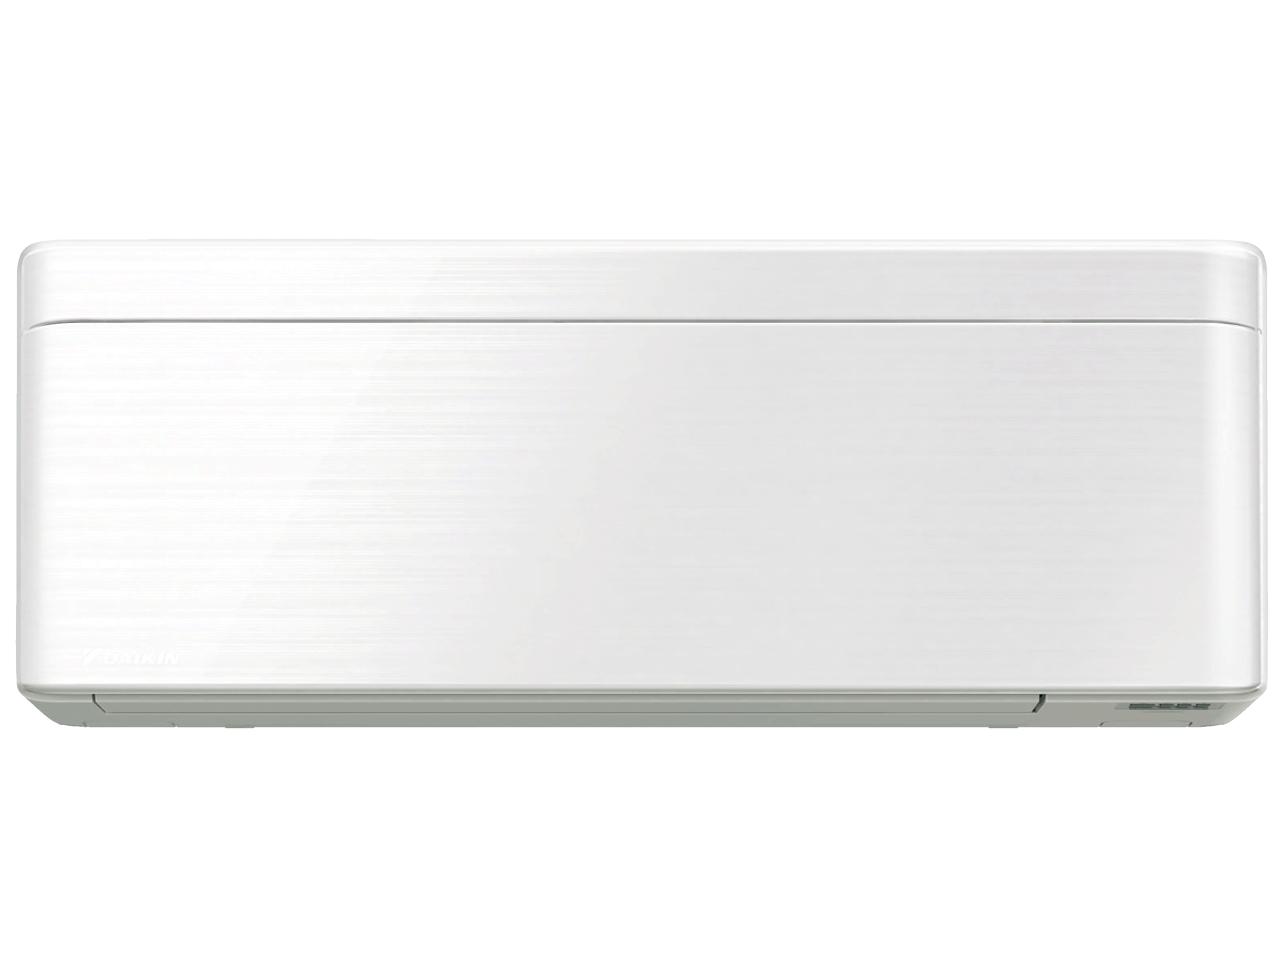 ダイキン S28WTSXS-W S28WTSXS-W ダイキン 19年モデル 19年モデル SXシリーズ【100V用】10畳用冷暖房除湿エアコン, Kanaloa:17f10abc --- sunward.msk.ru